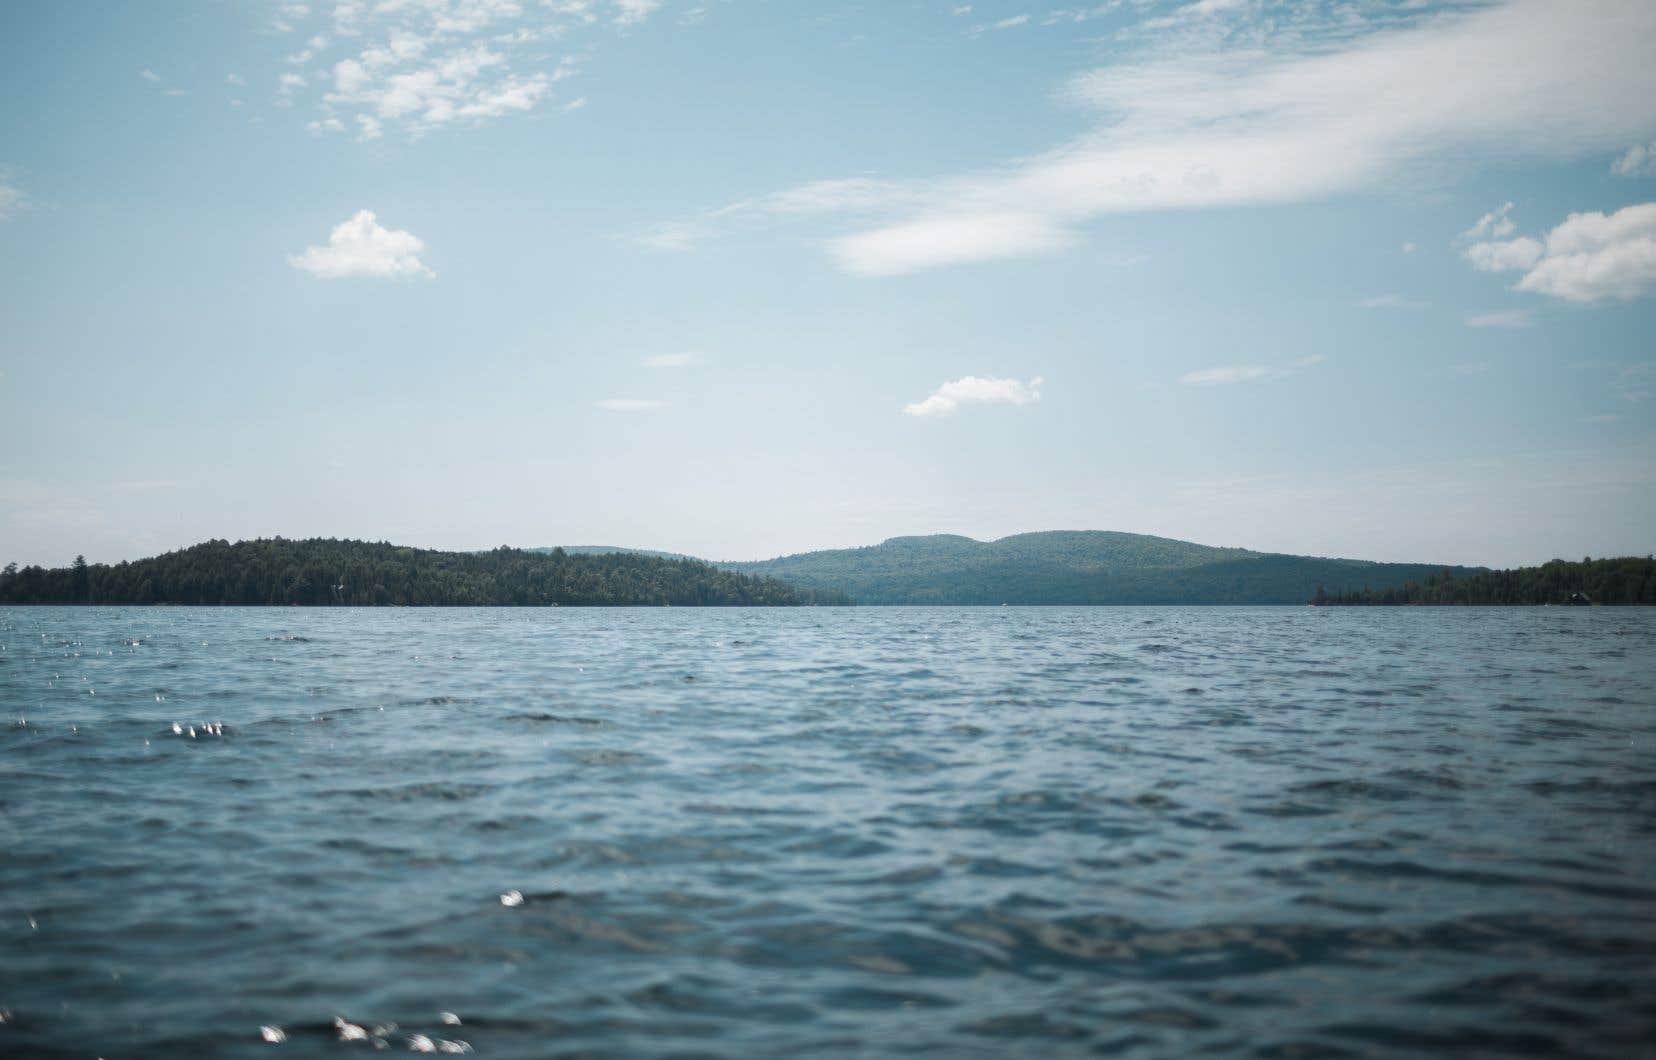 Issu d'une légende algonquine, le monstre Misiganebic aurait été vu au lac Blue Sea, en Outaouais, par plusieurs pêcheurs entre 1913 et 1930.